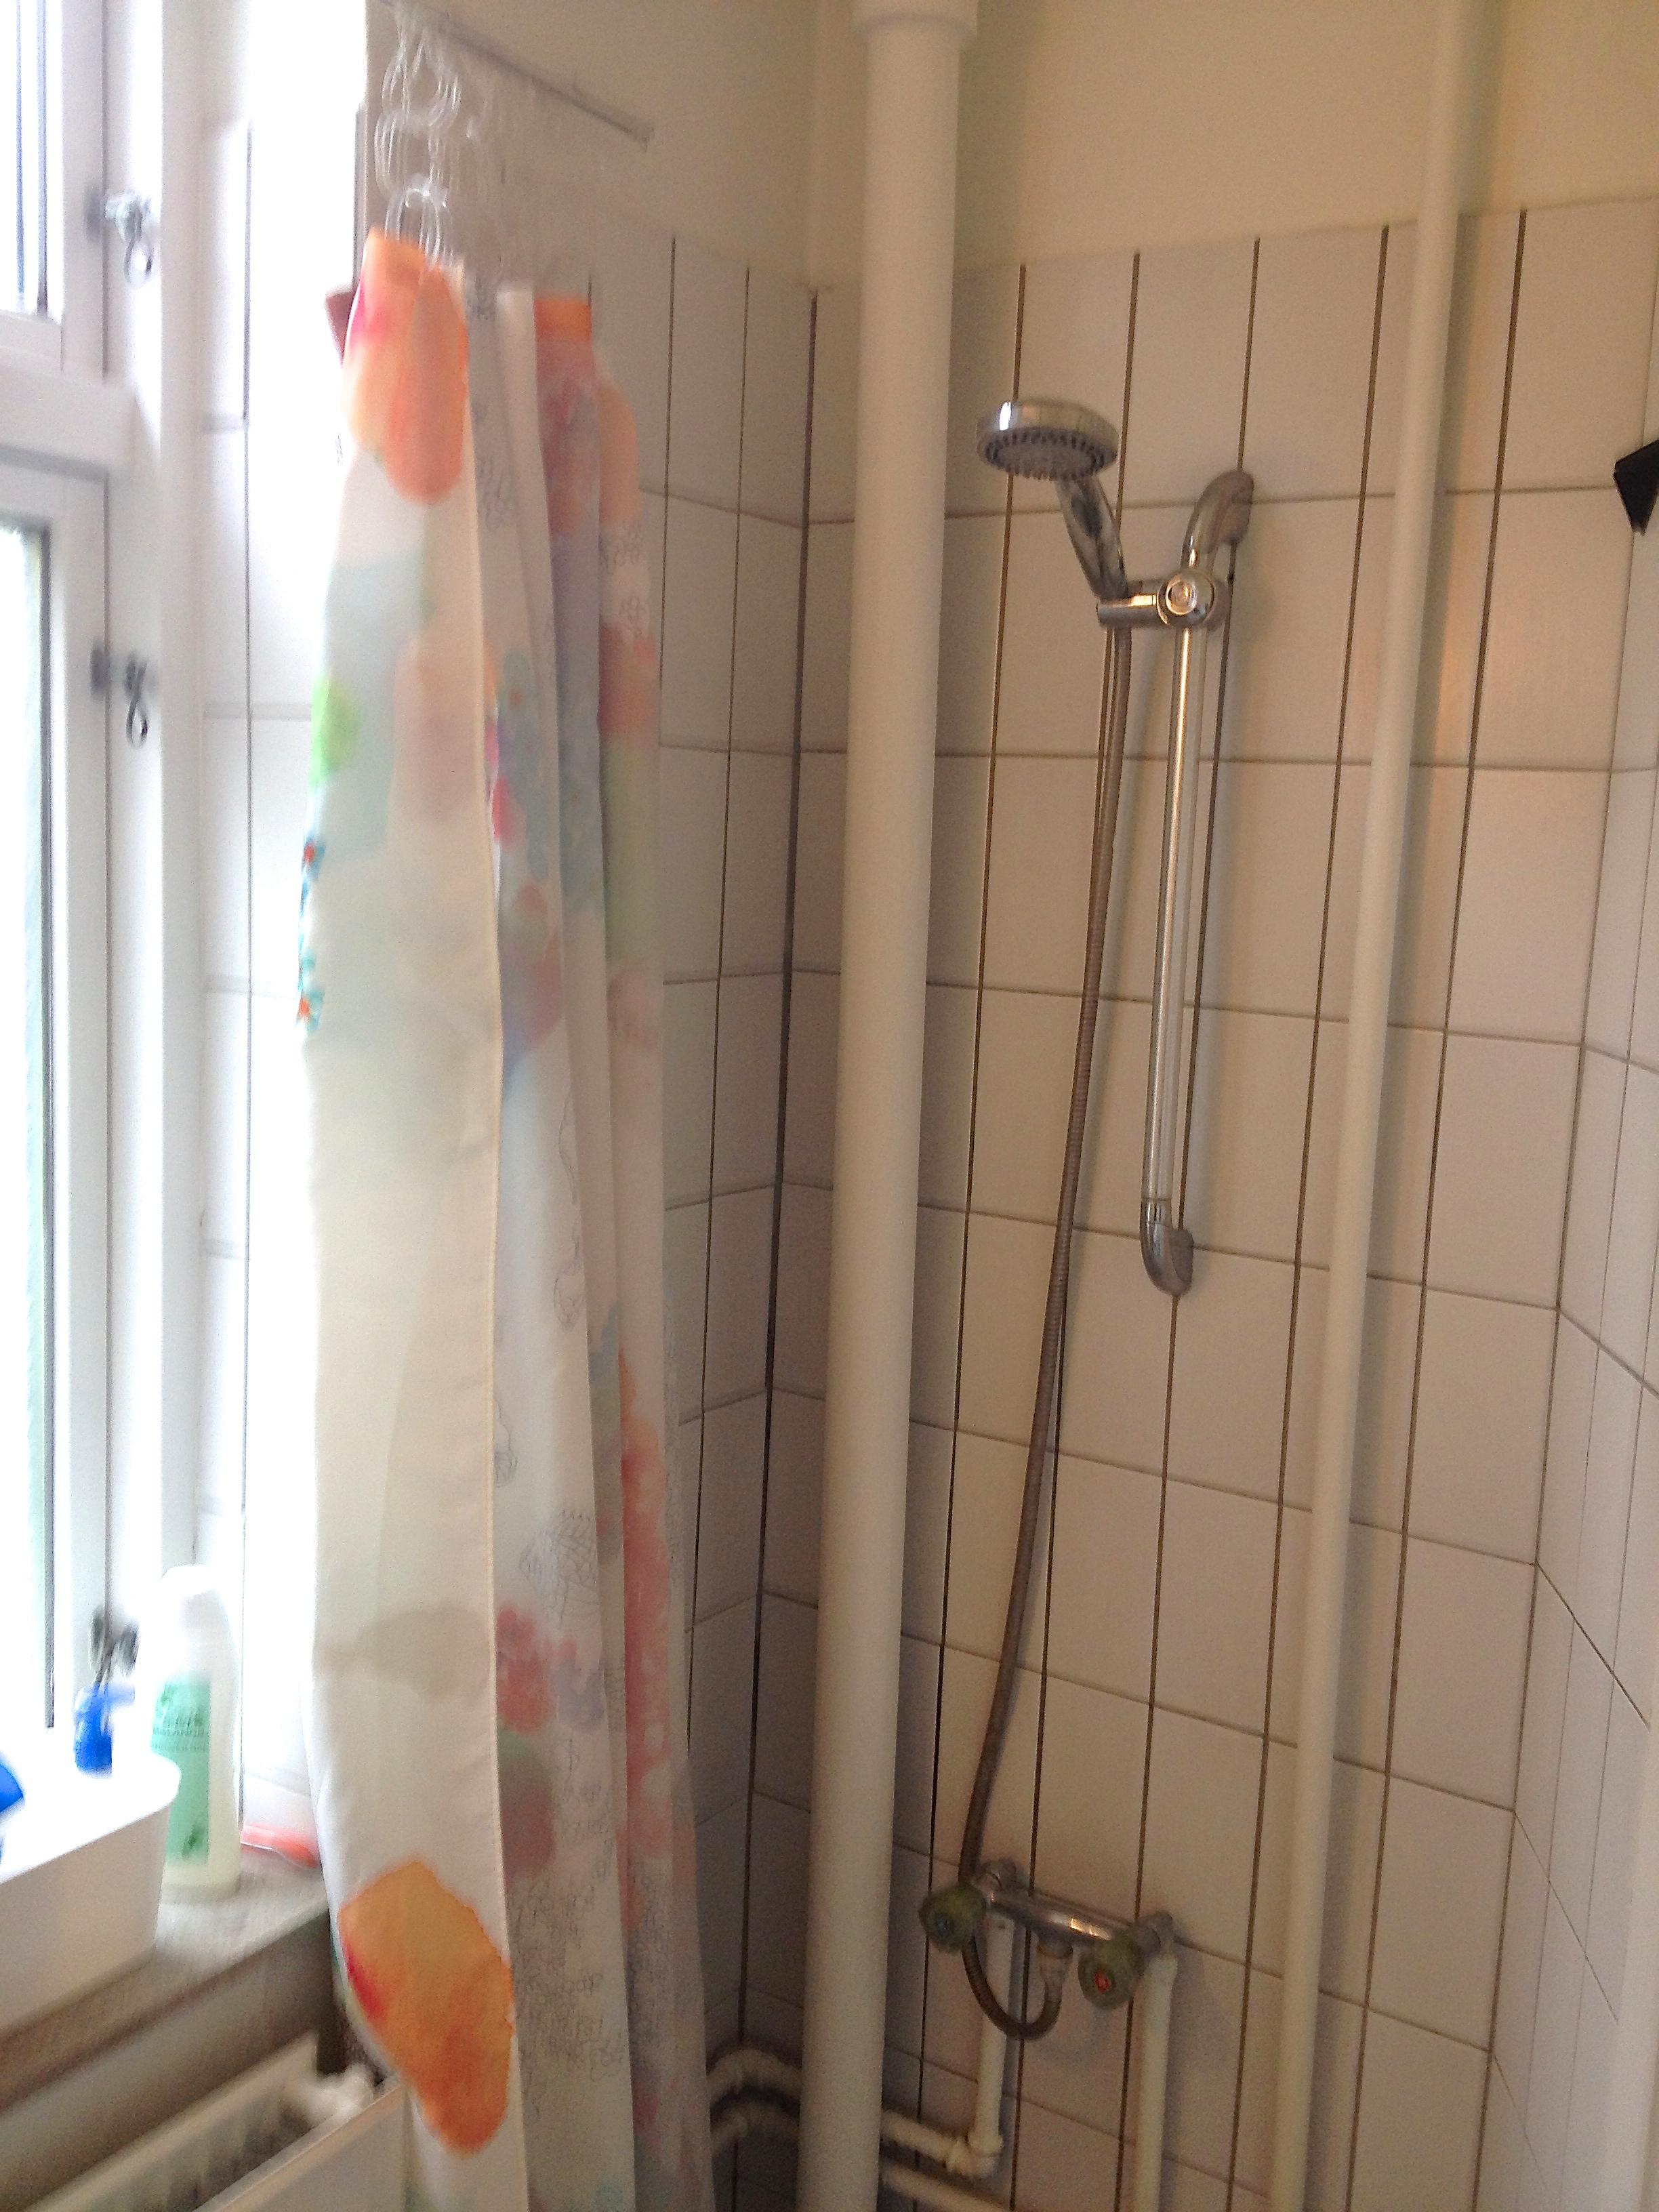 rhus  Our House in Aarhus